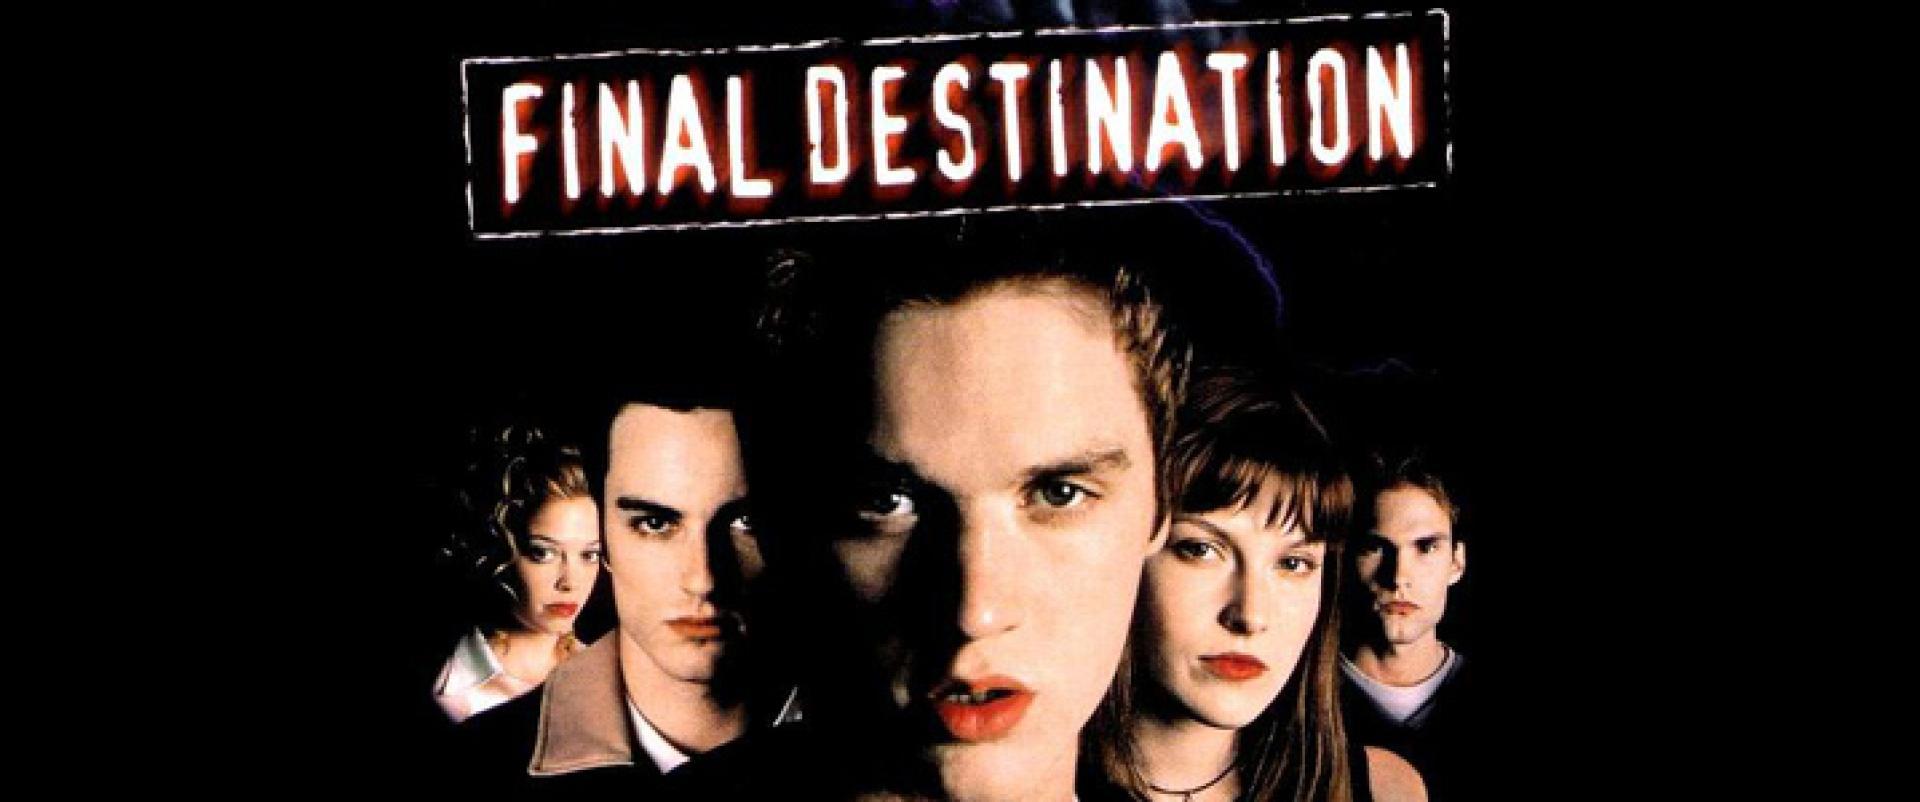 Final Destination - Végső állomás (2000)